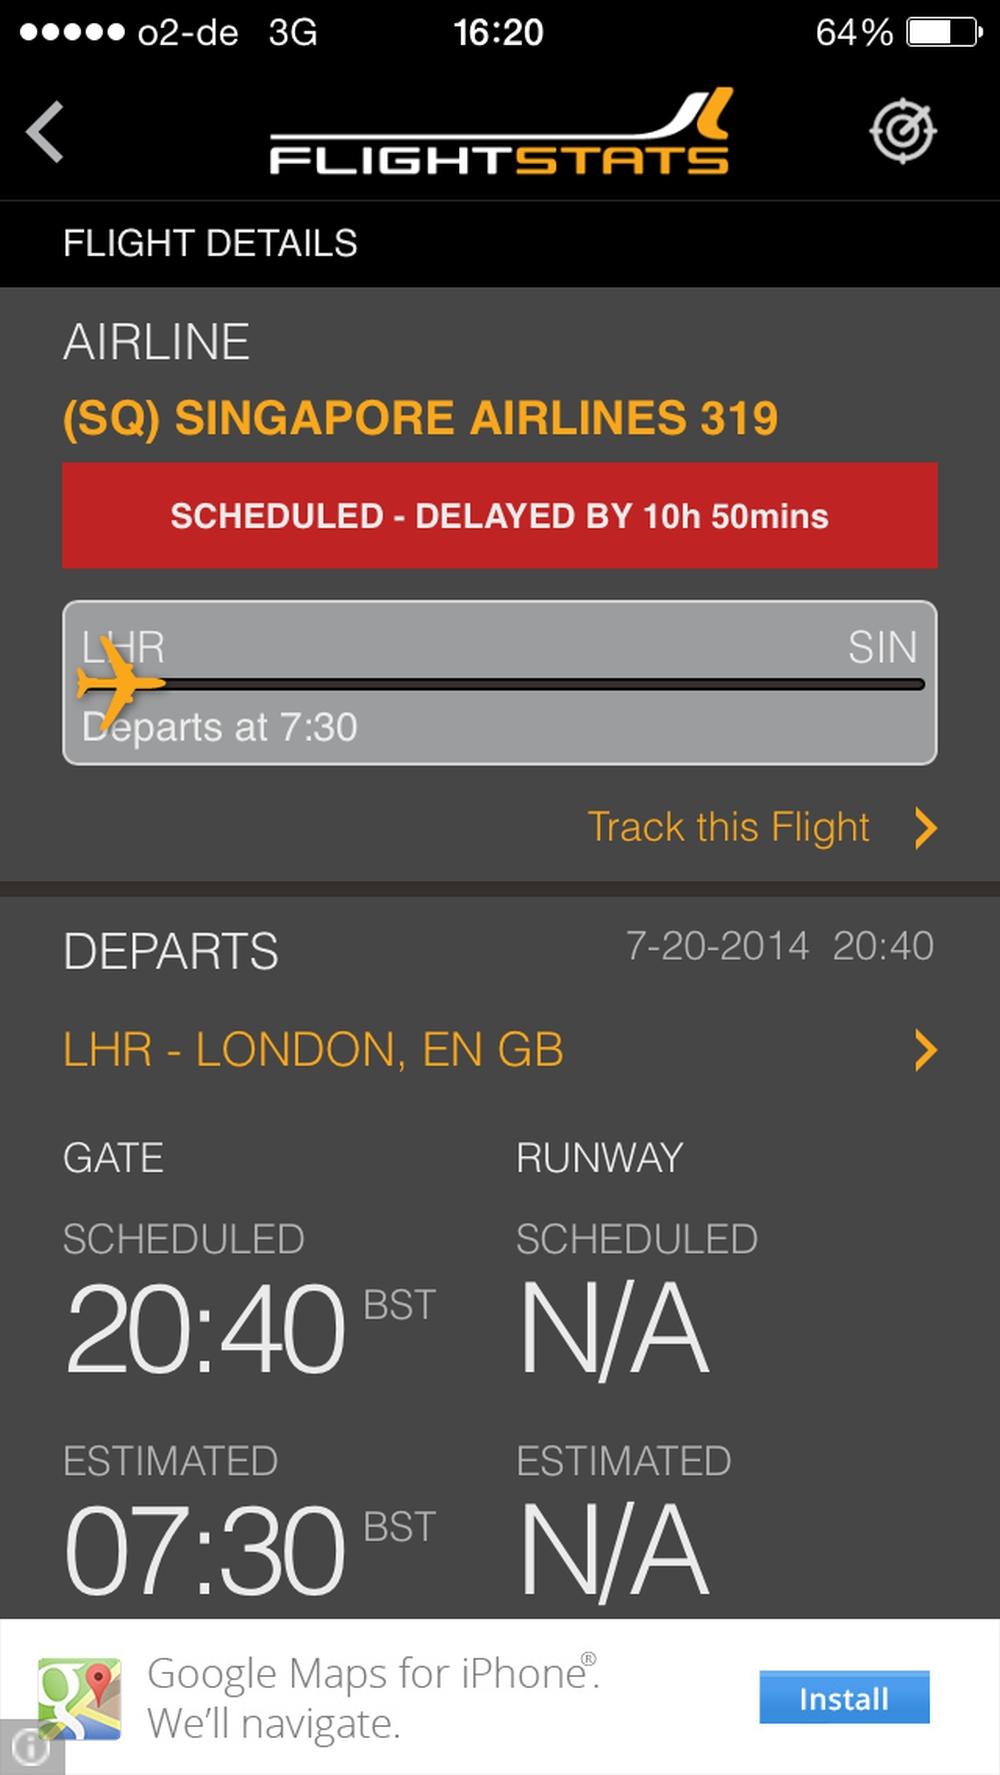 Rückflug leider nicht so sonnig: Knapp 11 Stunden Verspätung wegen einem technischen Defekt